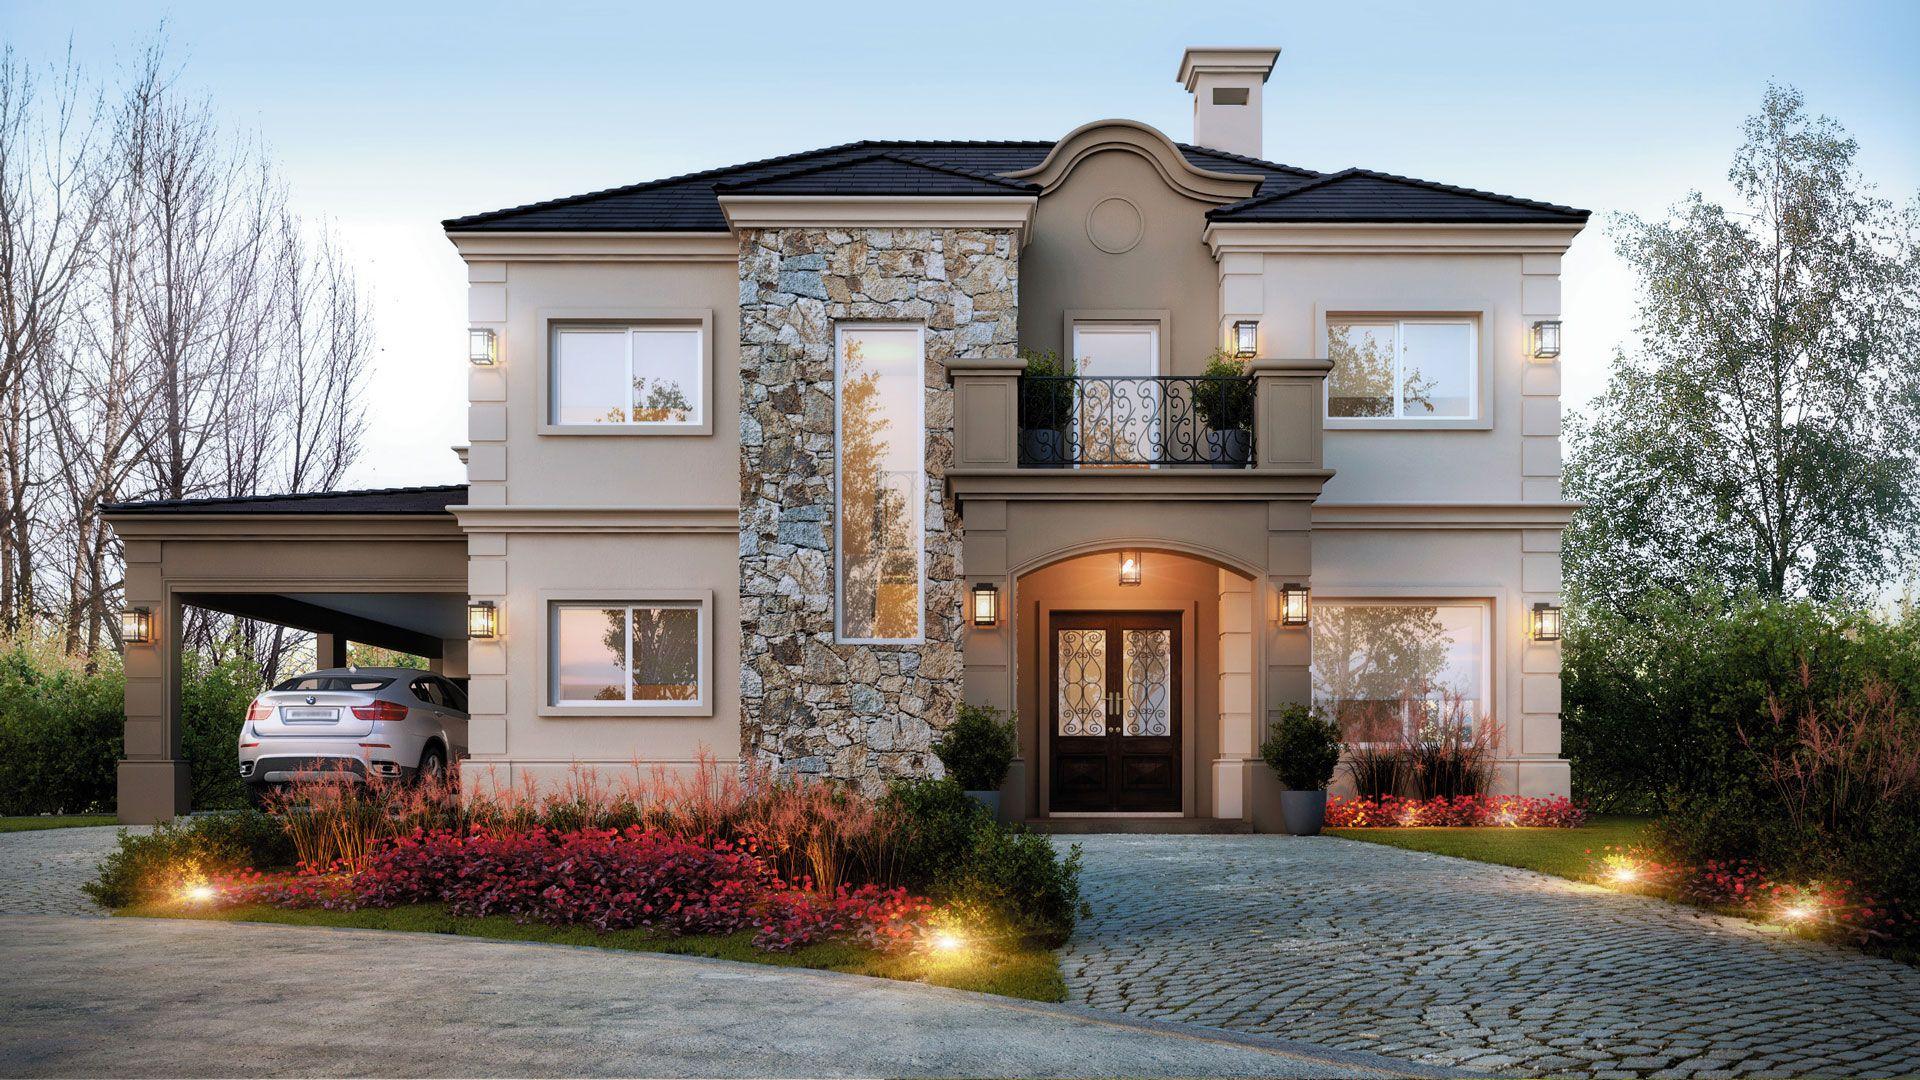 Estudio nf y asociados en 2019 casas casas coloniales for Fachadas de casas estilo clasico